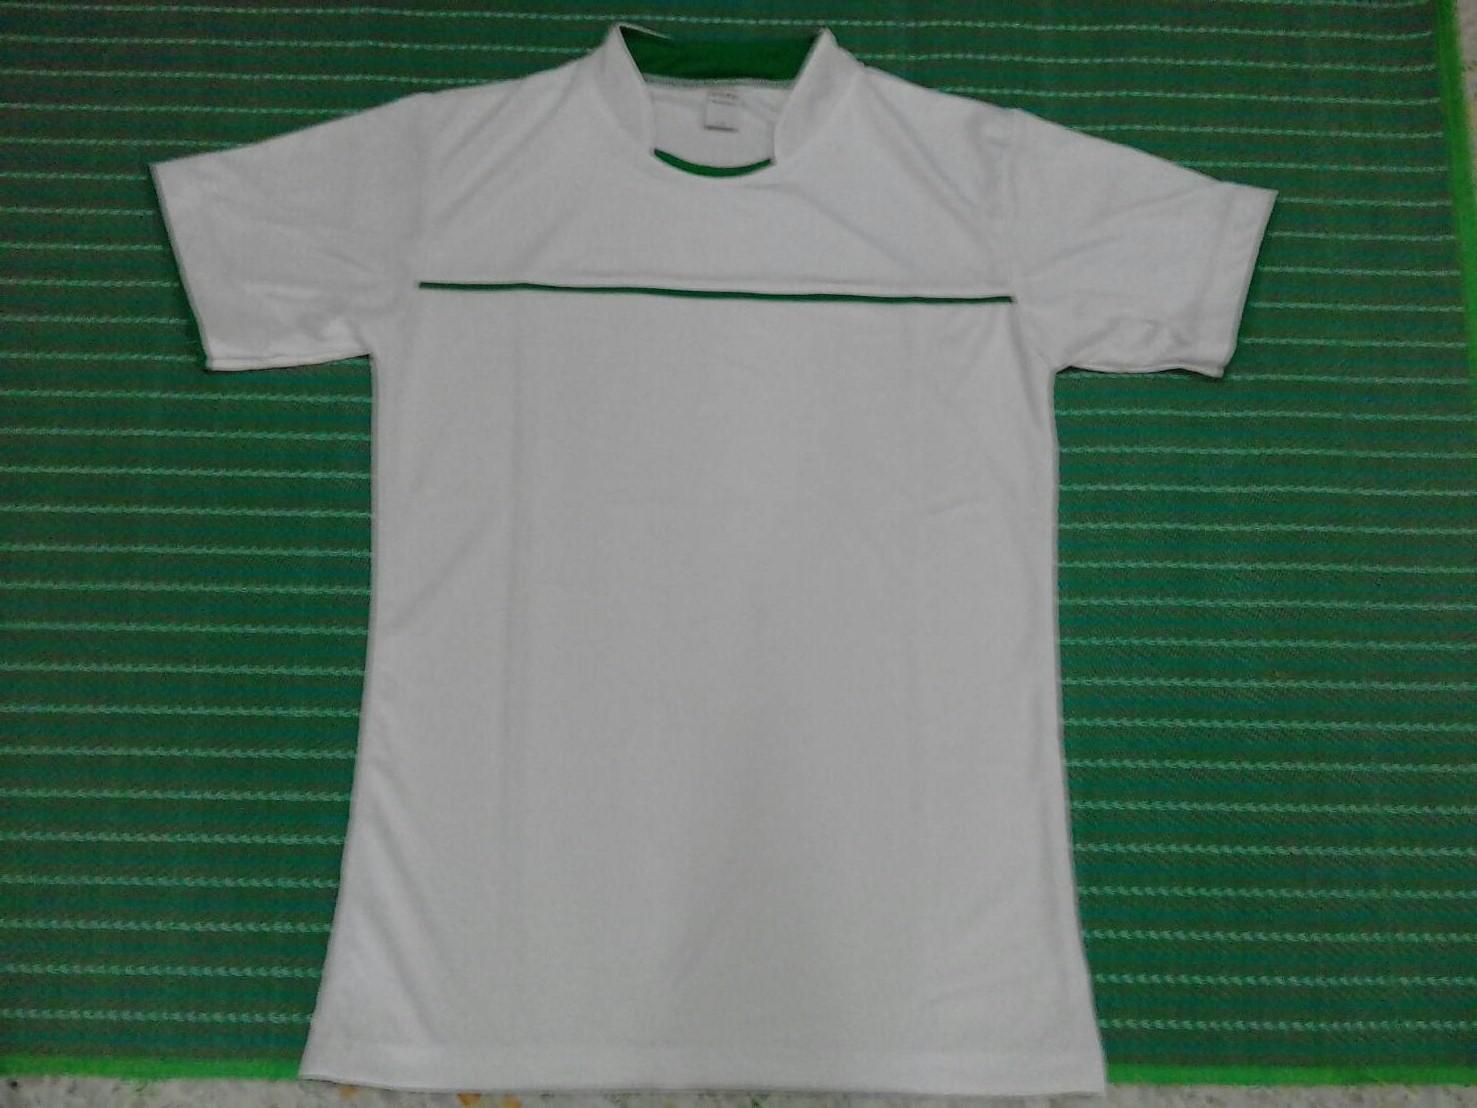 เสื้อกีฬา สีขาวเกรด A